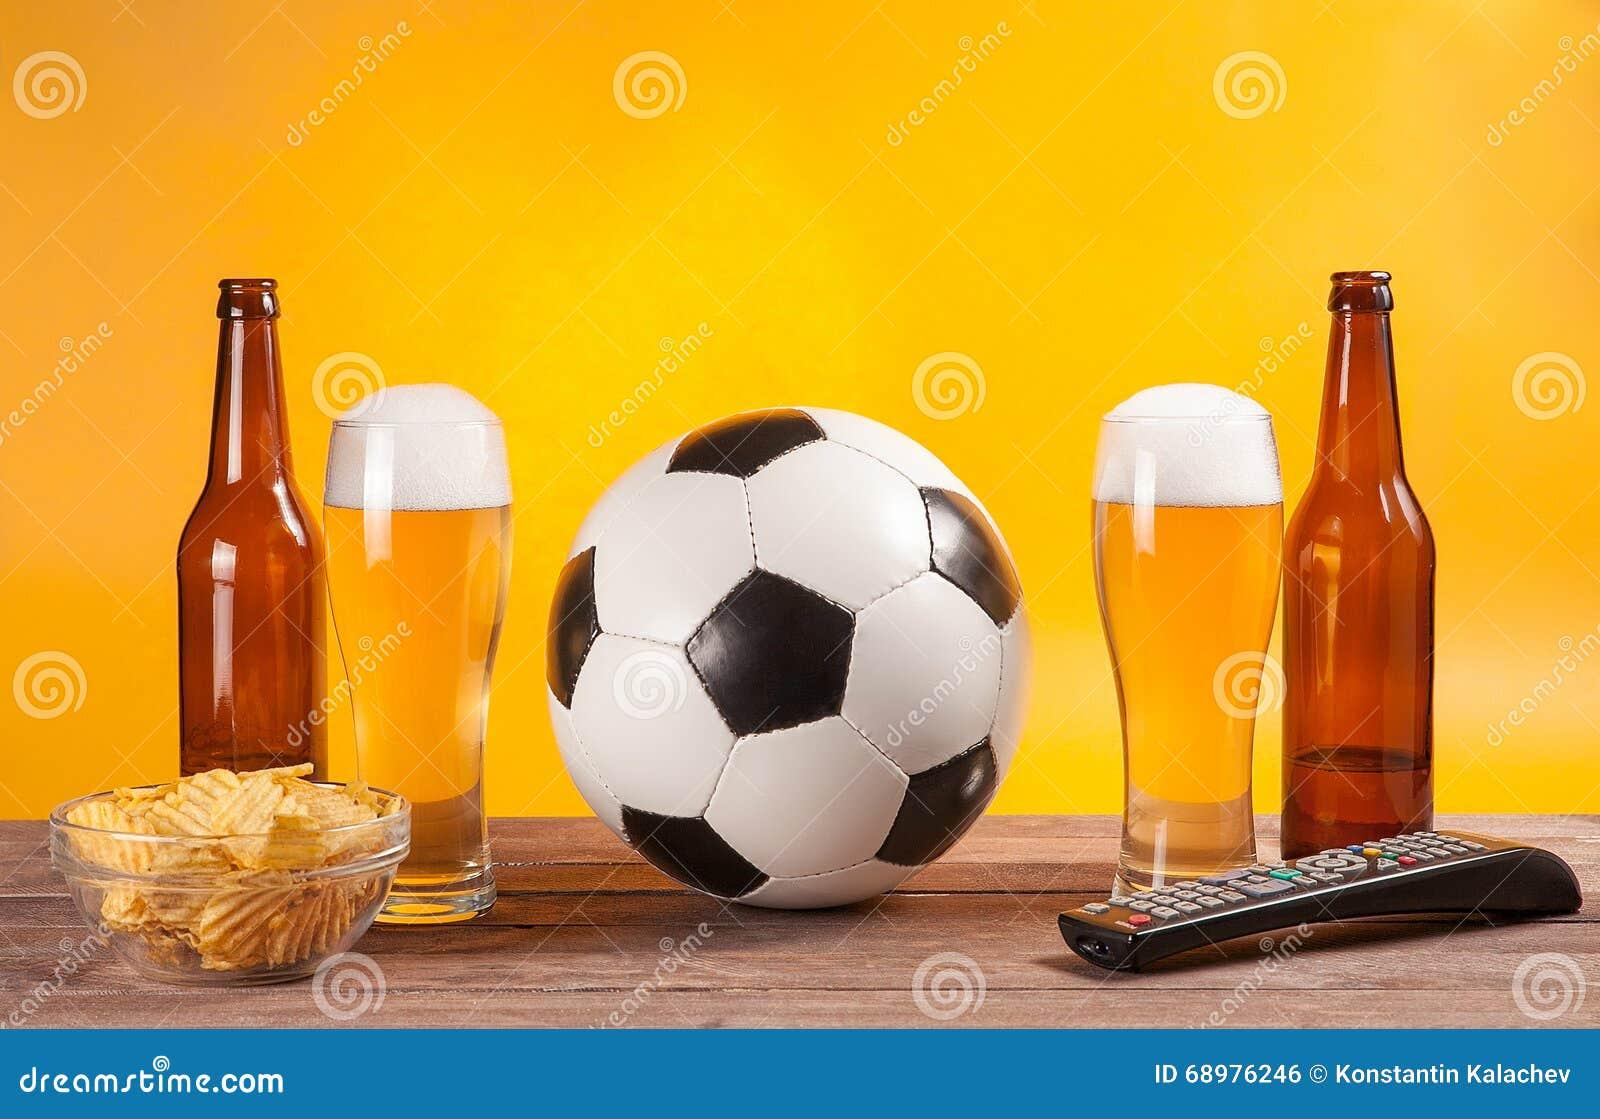 Стекло с пивом и футбольным мячом около remote ТВ